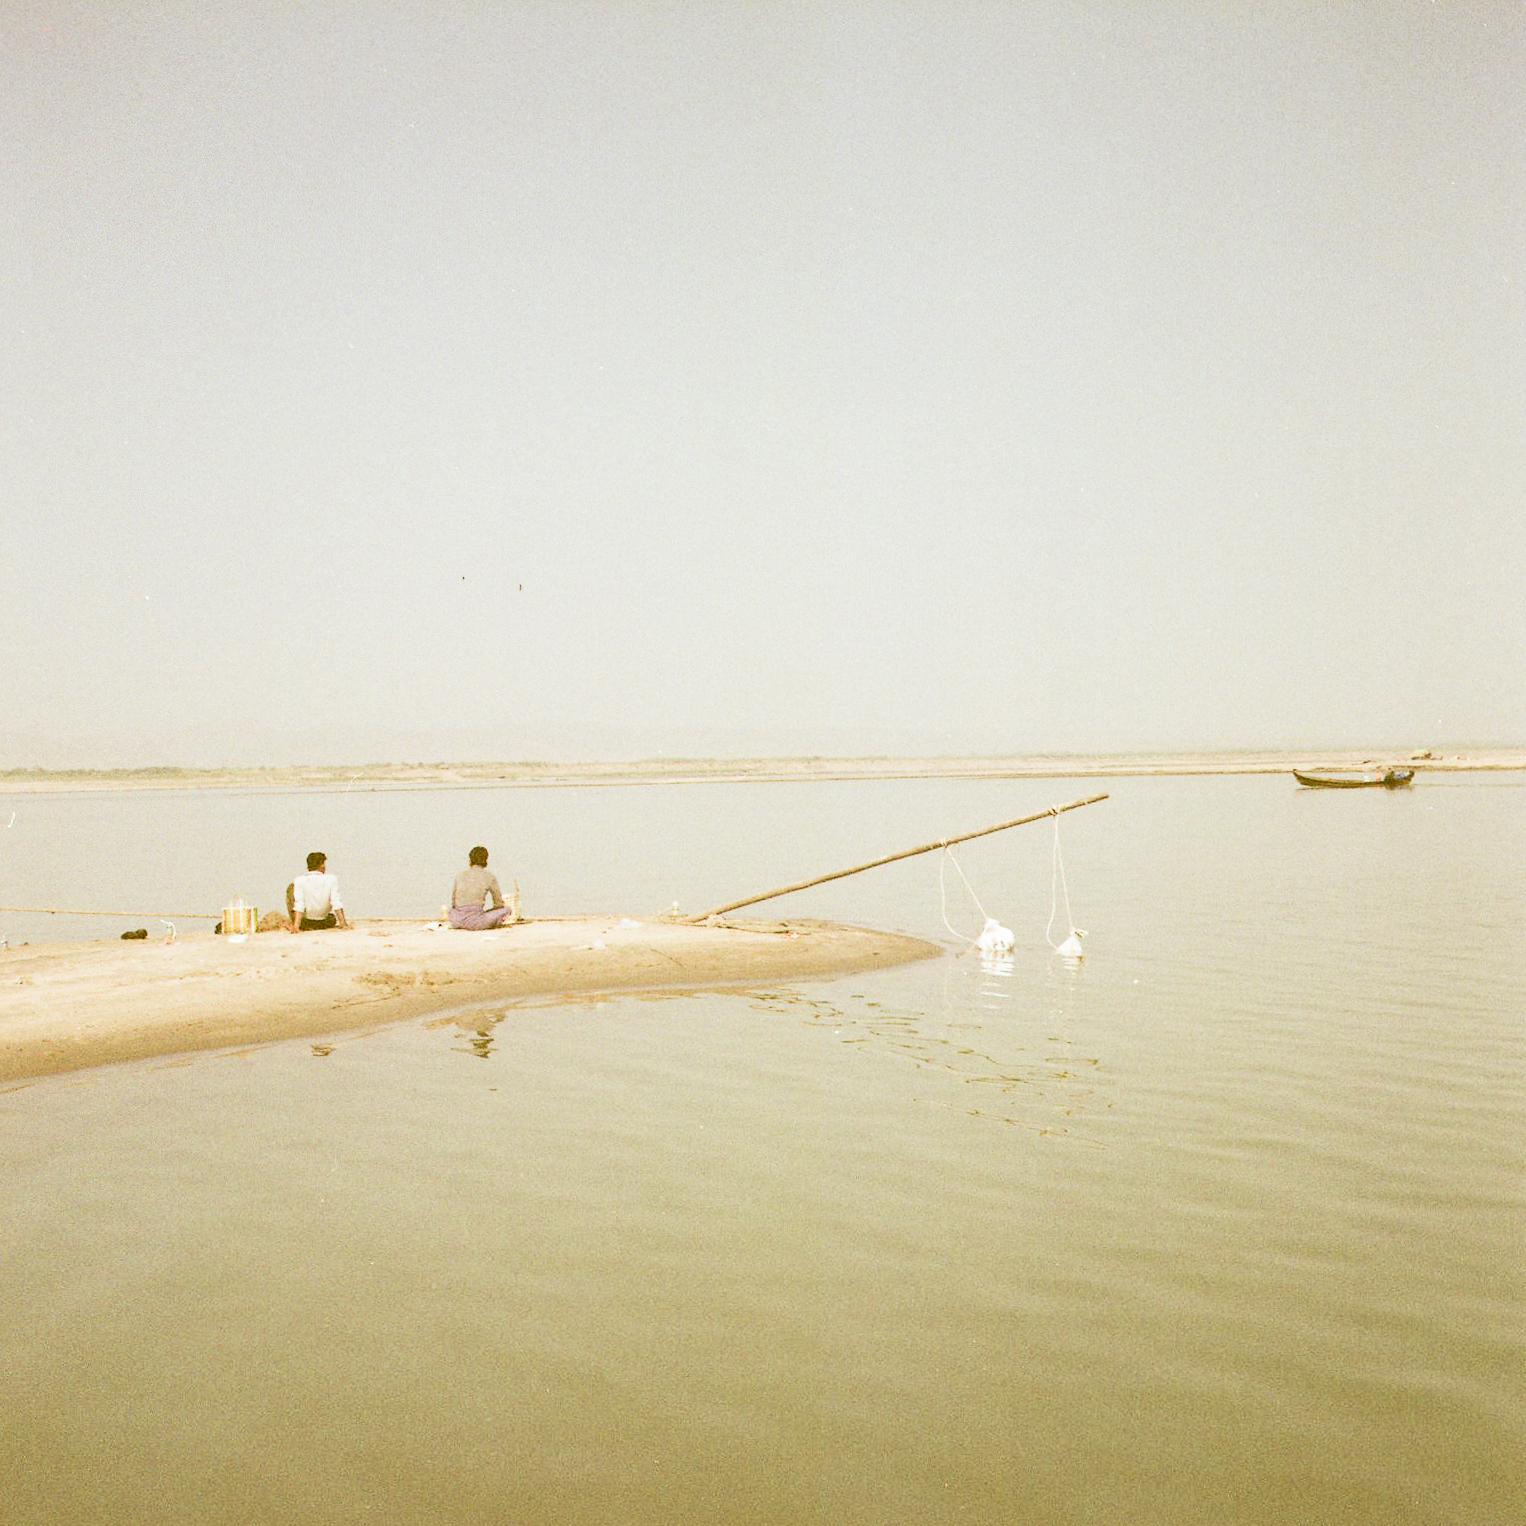 Fisherman in Bagan